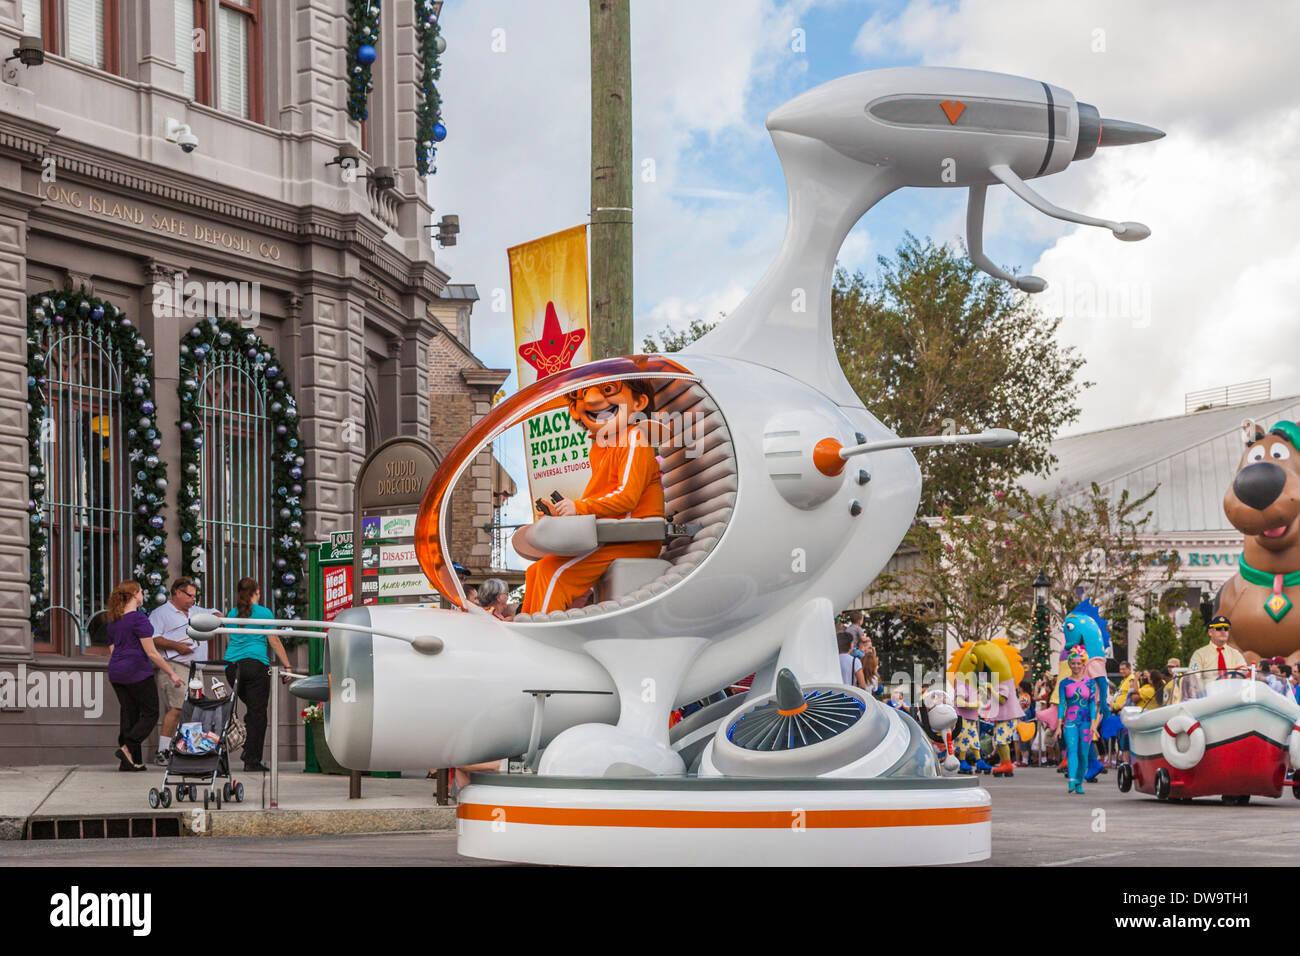 Vektor von Despicable Me Fahrten Raumschiff Schwimmer in Parade im Themenpark Universal Studios in Orlando, Florida Stockbild